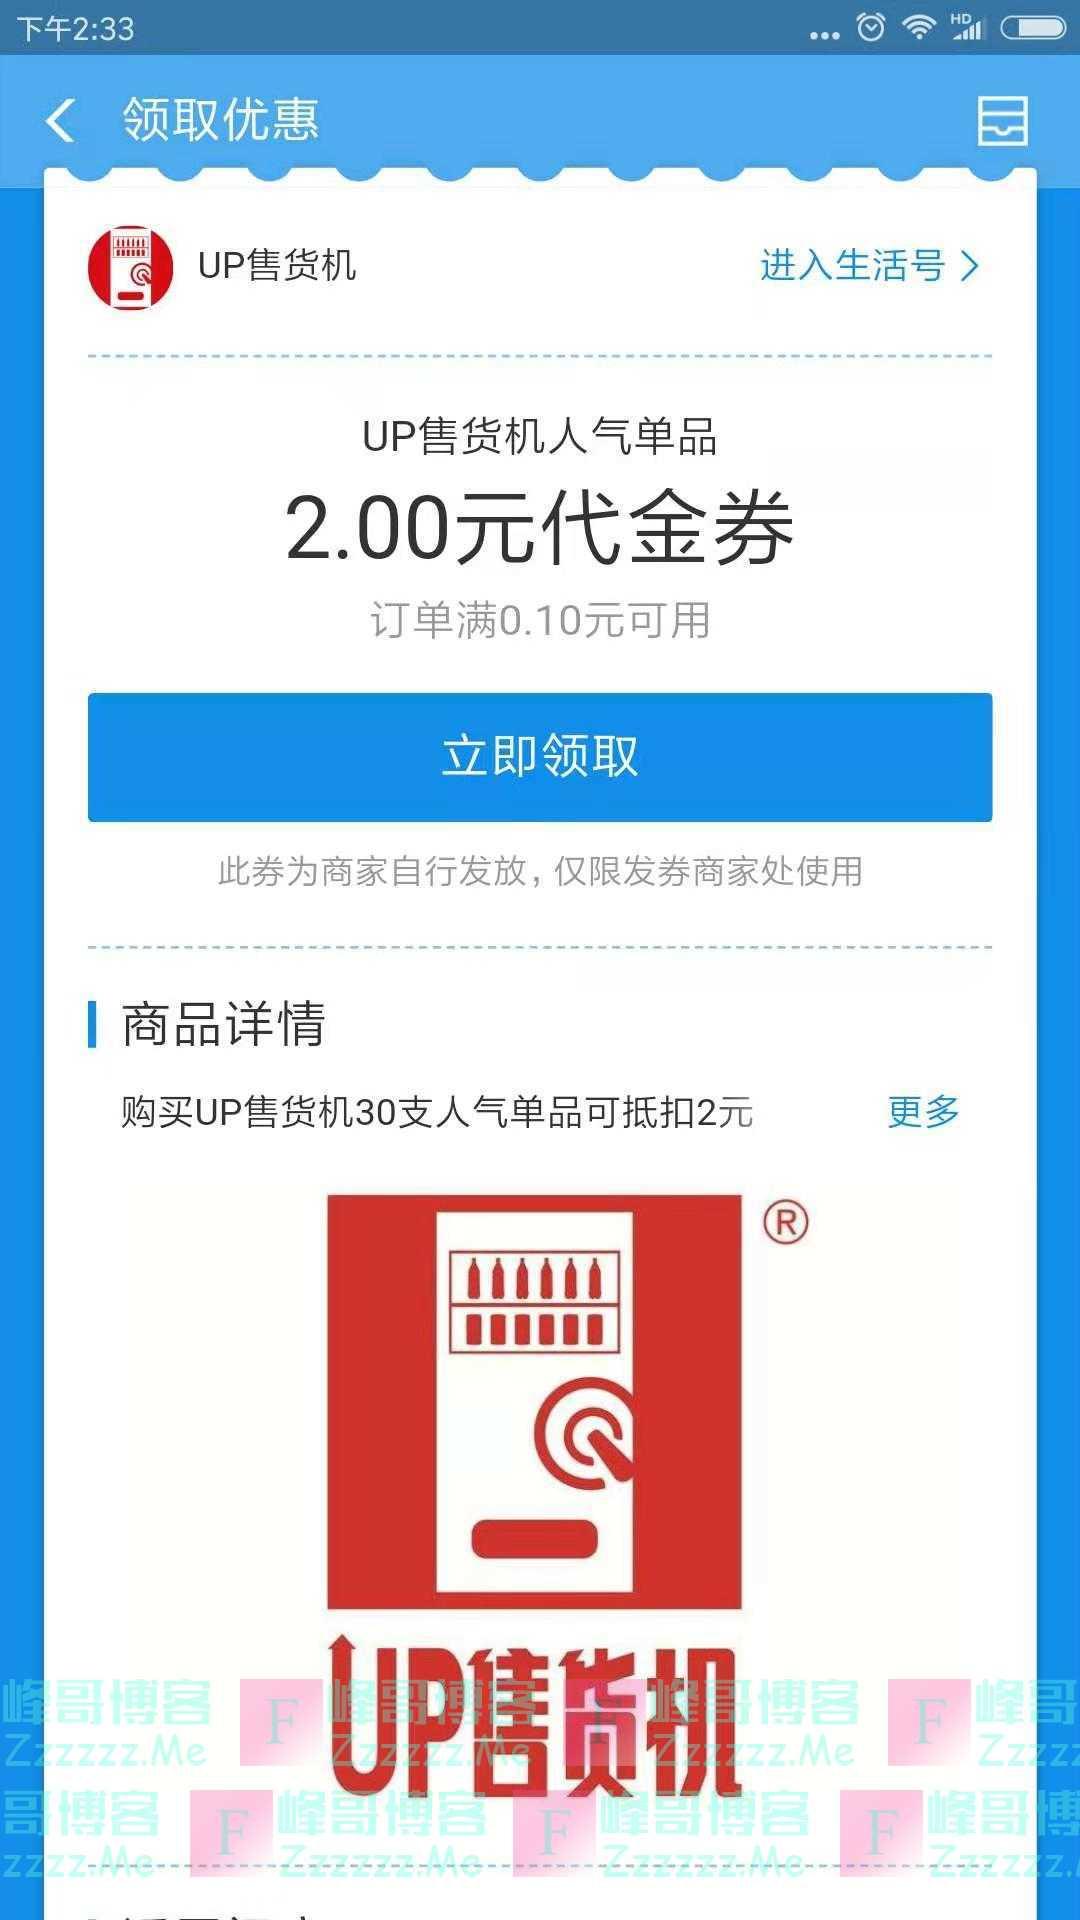 UP售货机2元支付宝代金券(截止11月28日)